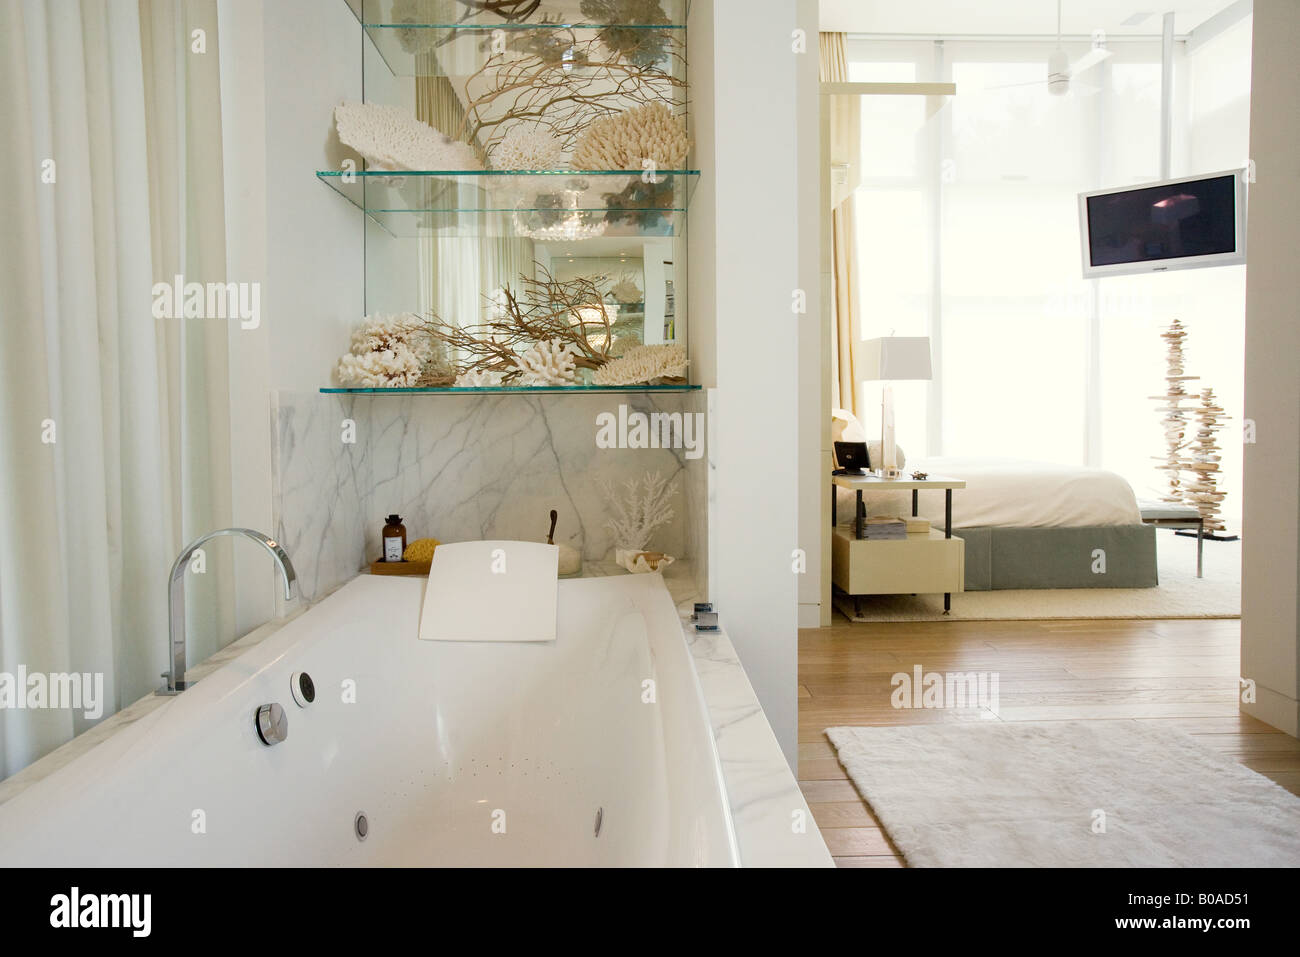 Vasca Da Bagno Enorme hotel di lusso grande bagno con vasca e camera da letto in